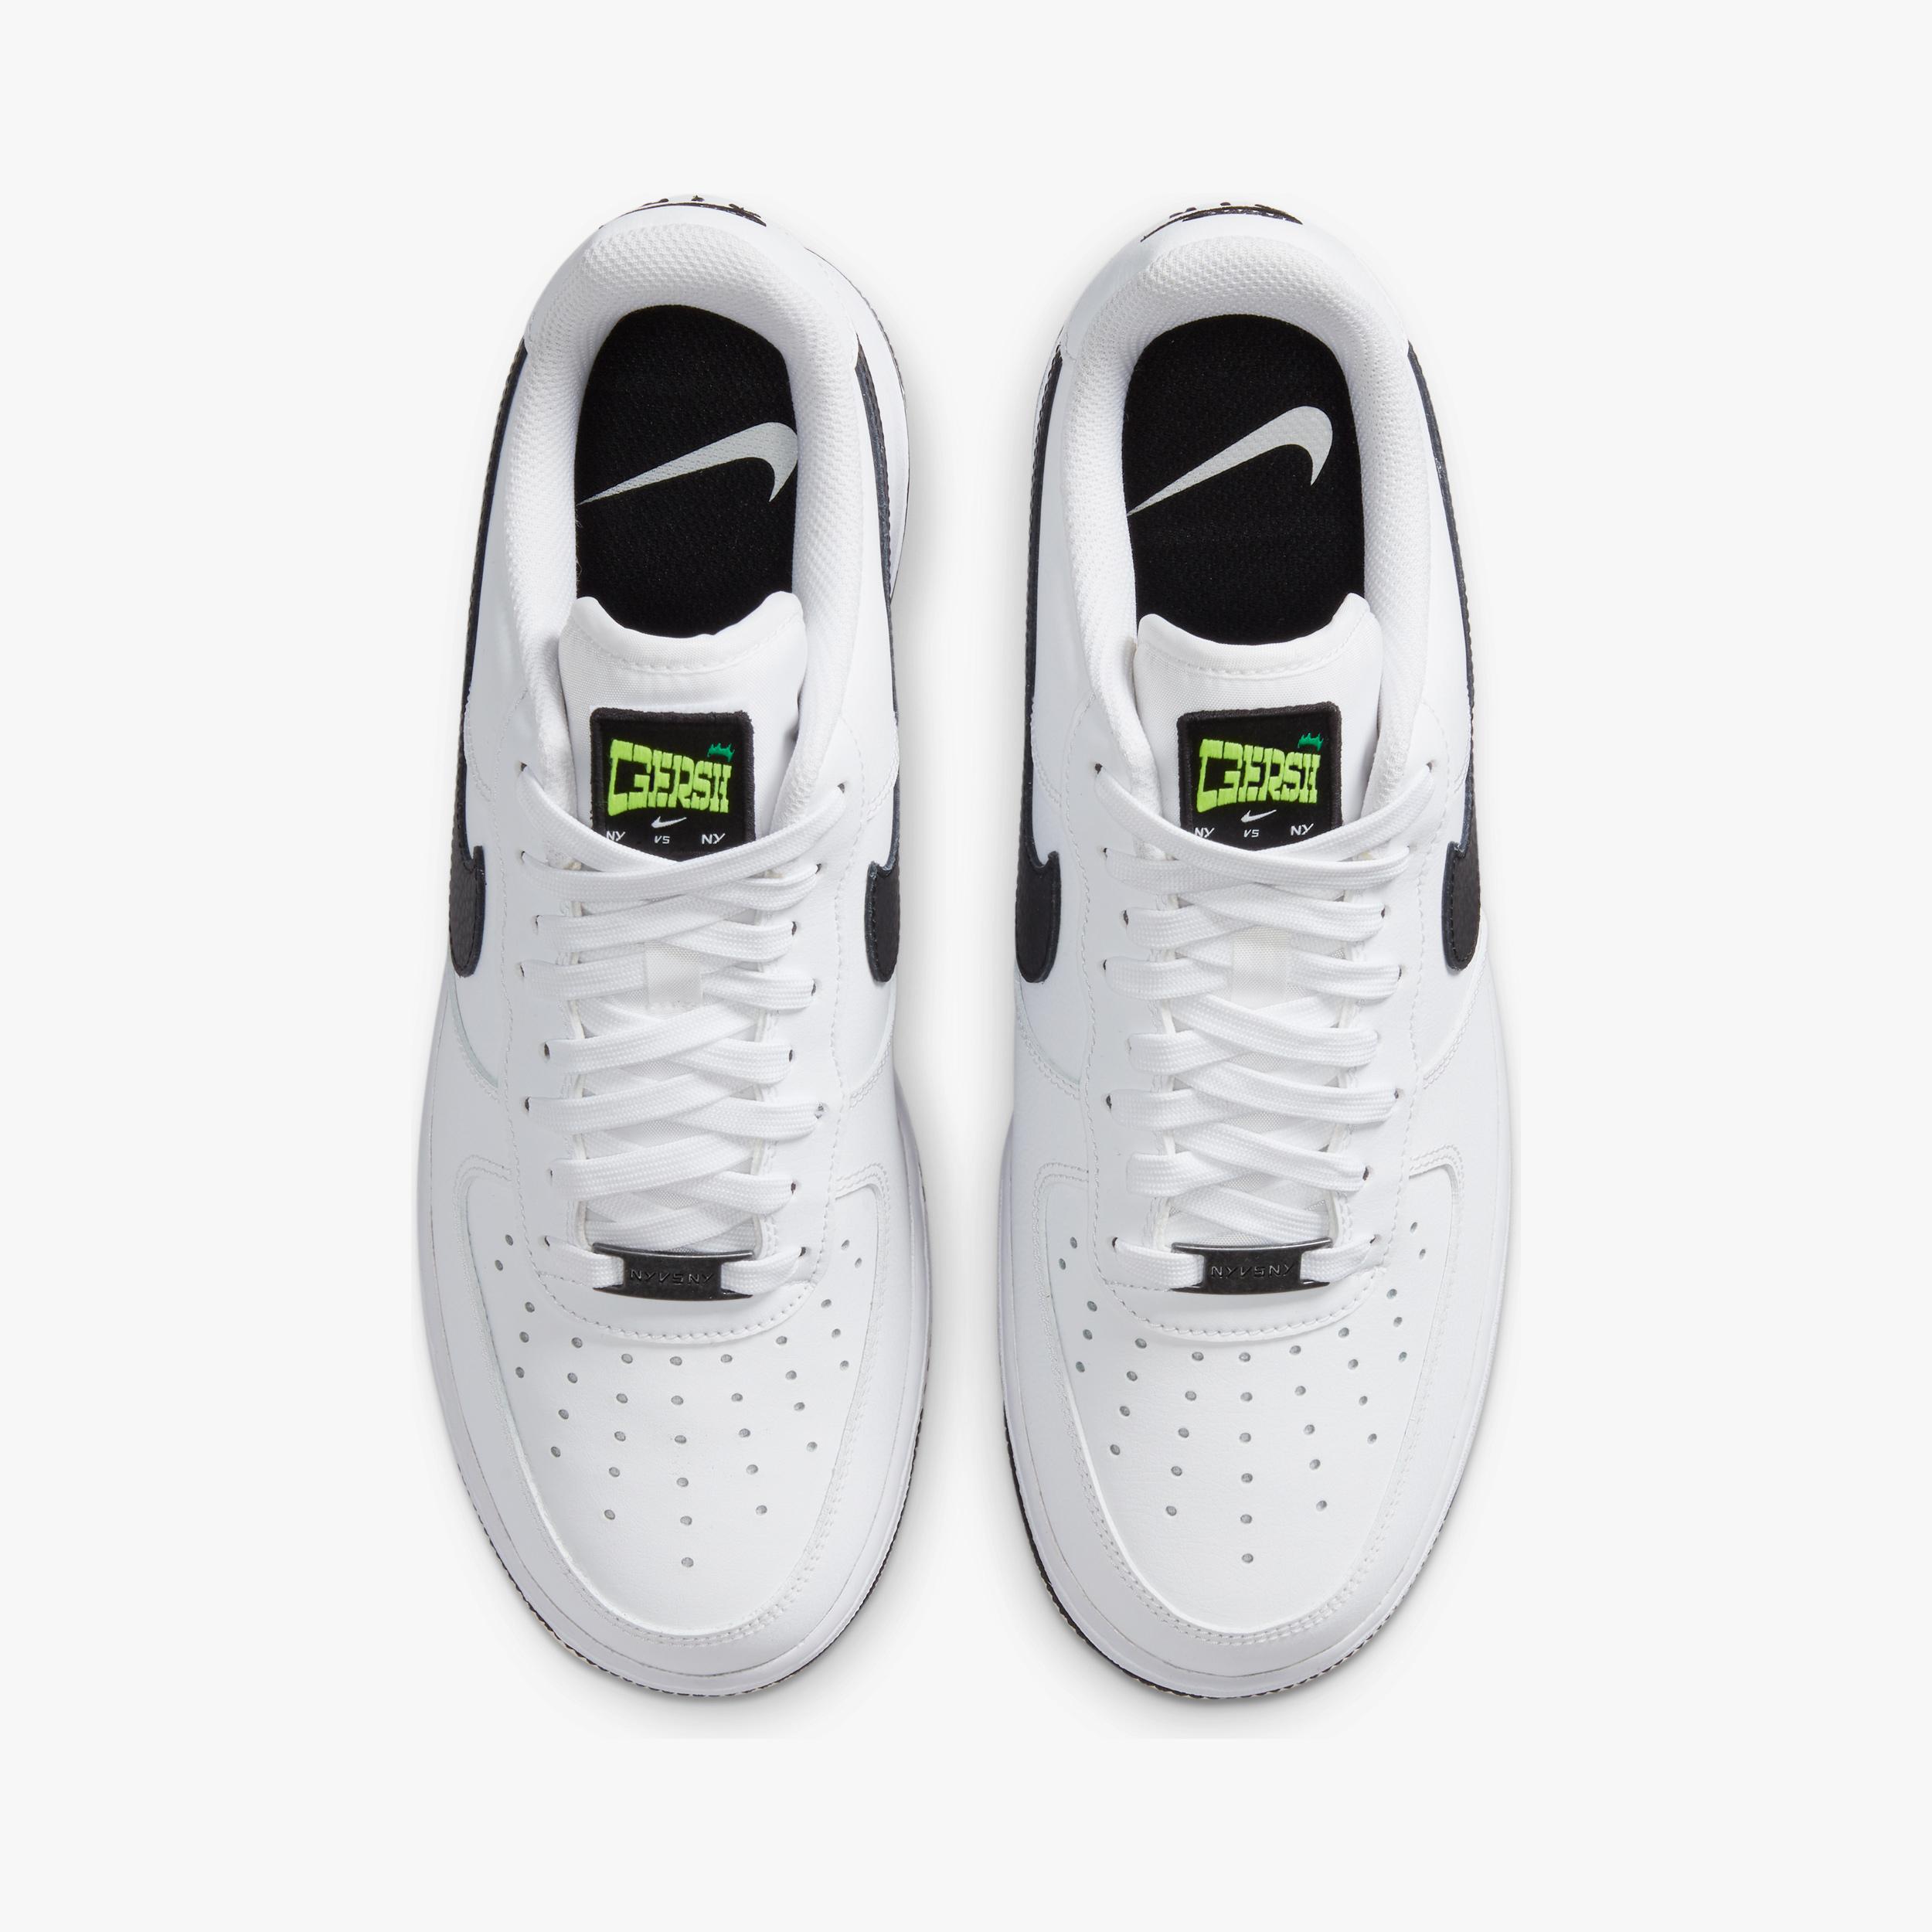 Pánske tenisky a topánky Nike Air Force 1 07 LV8 Emb